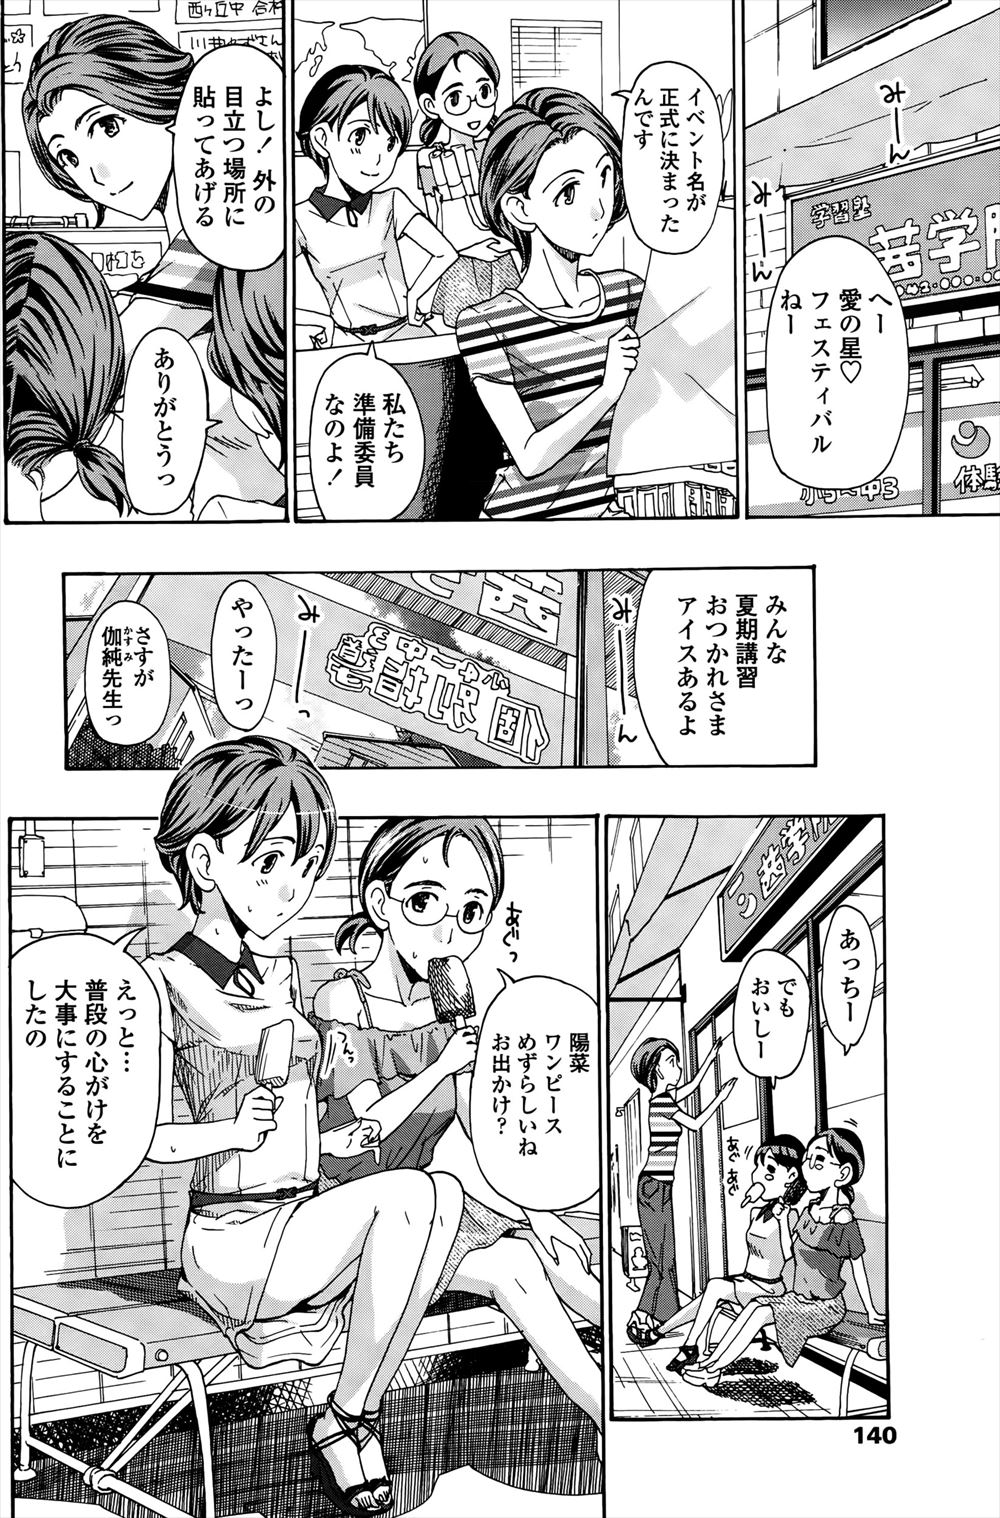 【エロ漫画・エロ同人誌】年上の巨乳彼女と付き合ってるちっぱい少女が青姦レズセックスしてるンゴwww (4)